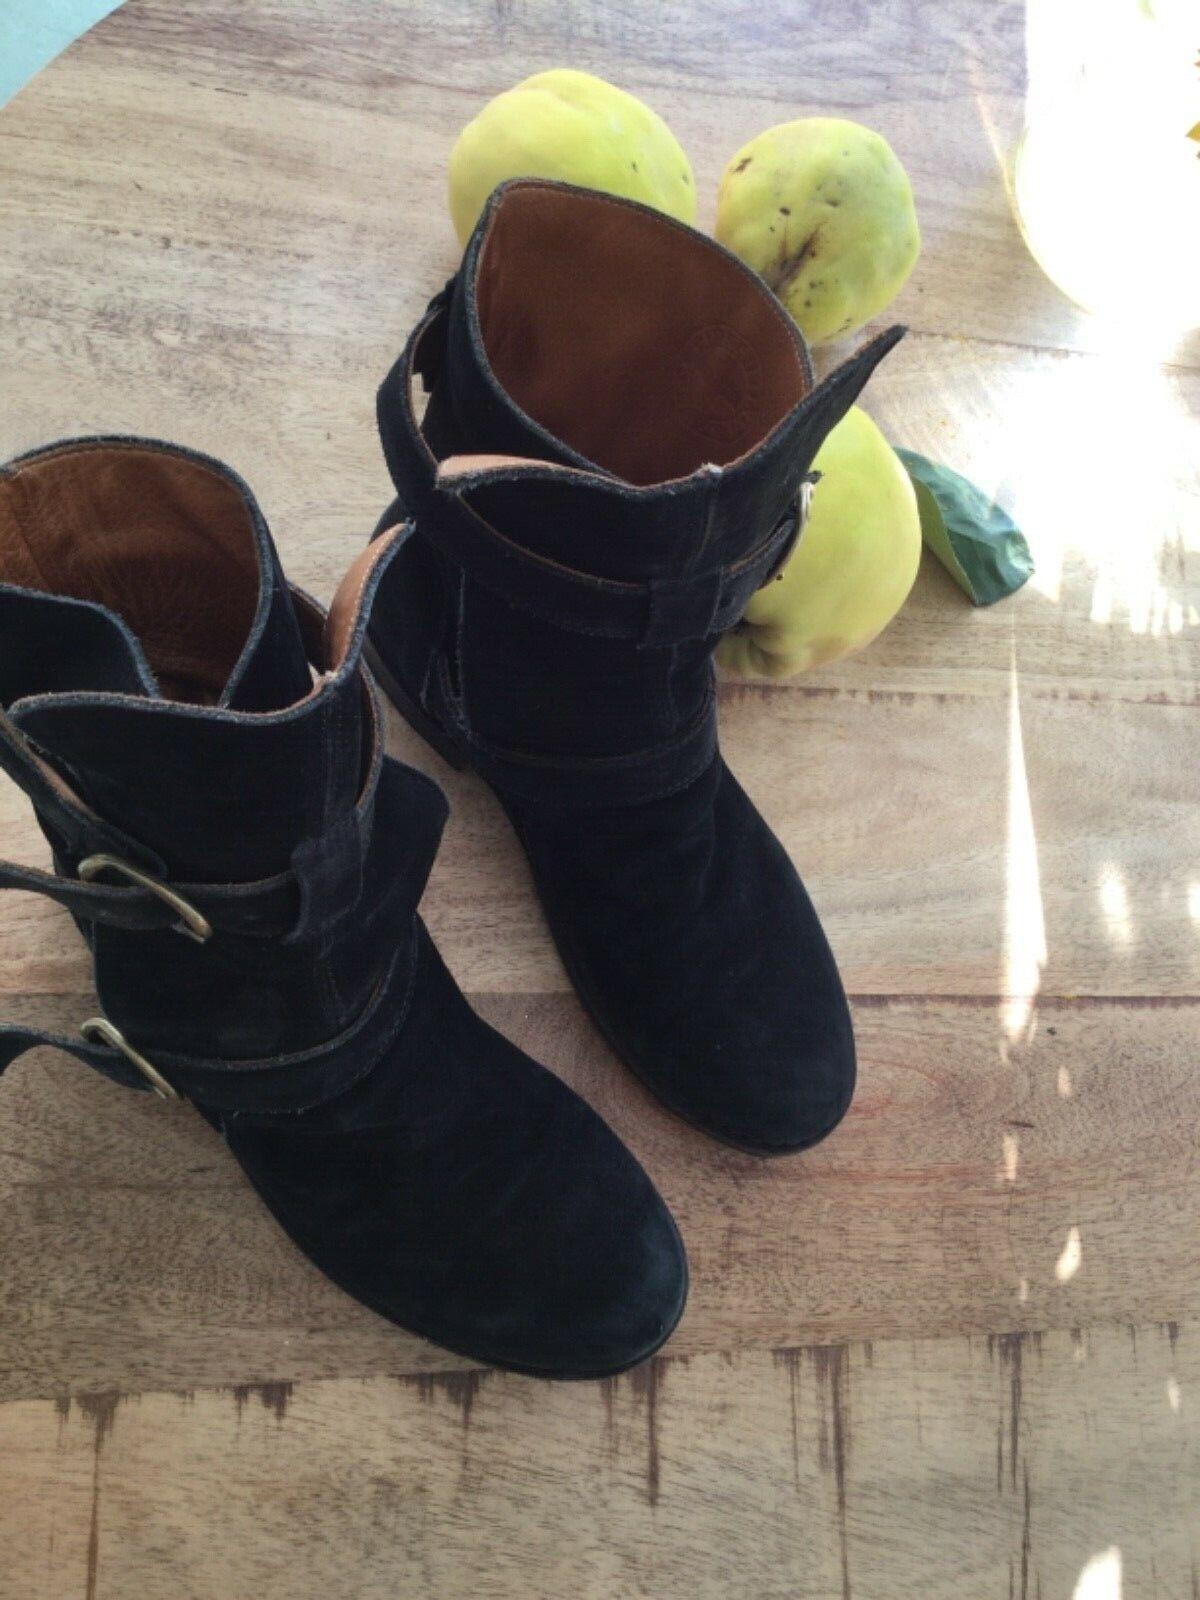 Neuwertig Fiorentini & Baker Stiefel 39,5  40 Schuhe Stiefel Stiefeletten schwarz